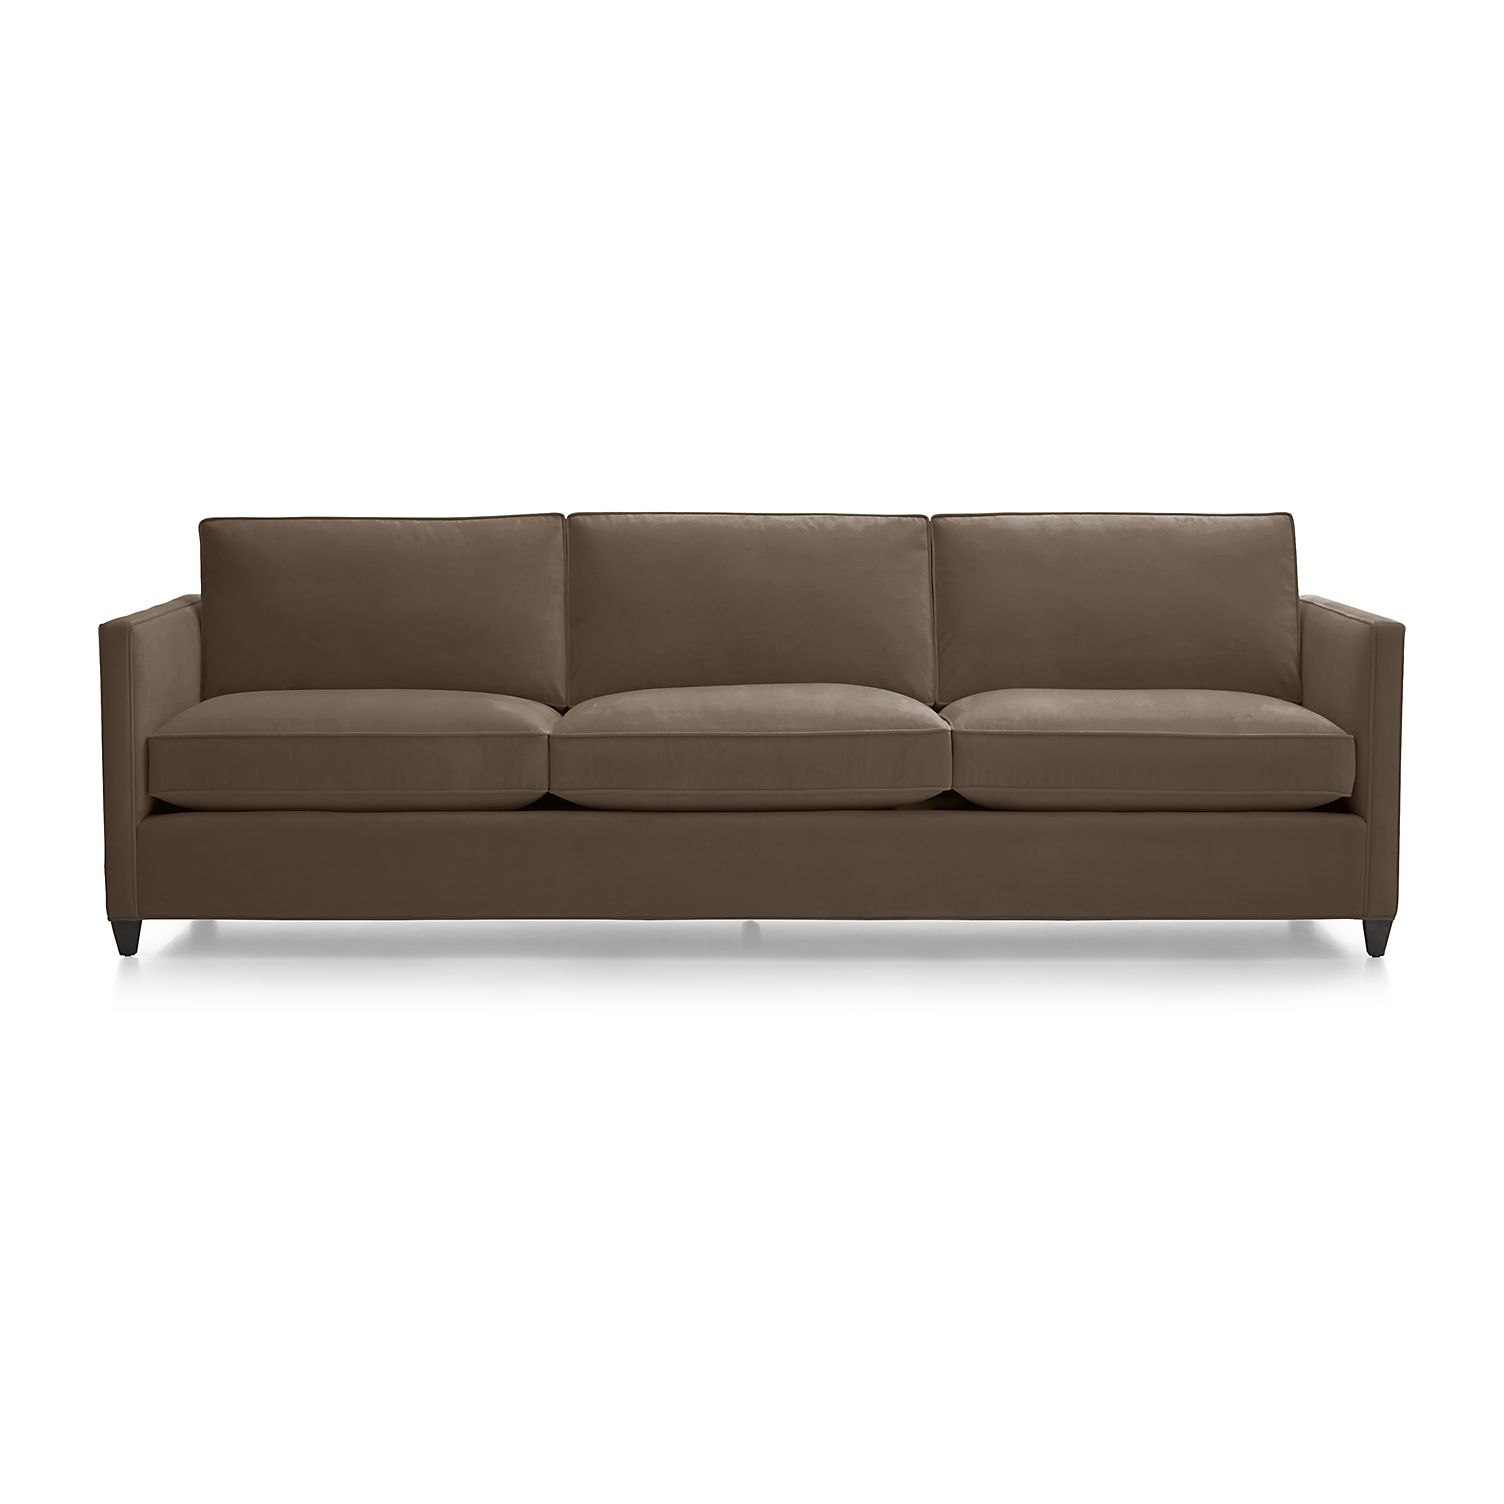 Dryden 3 seat 103 grande sofa costa rican furniture for Sofa grande barato